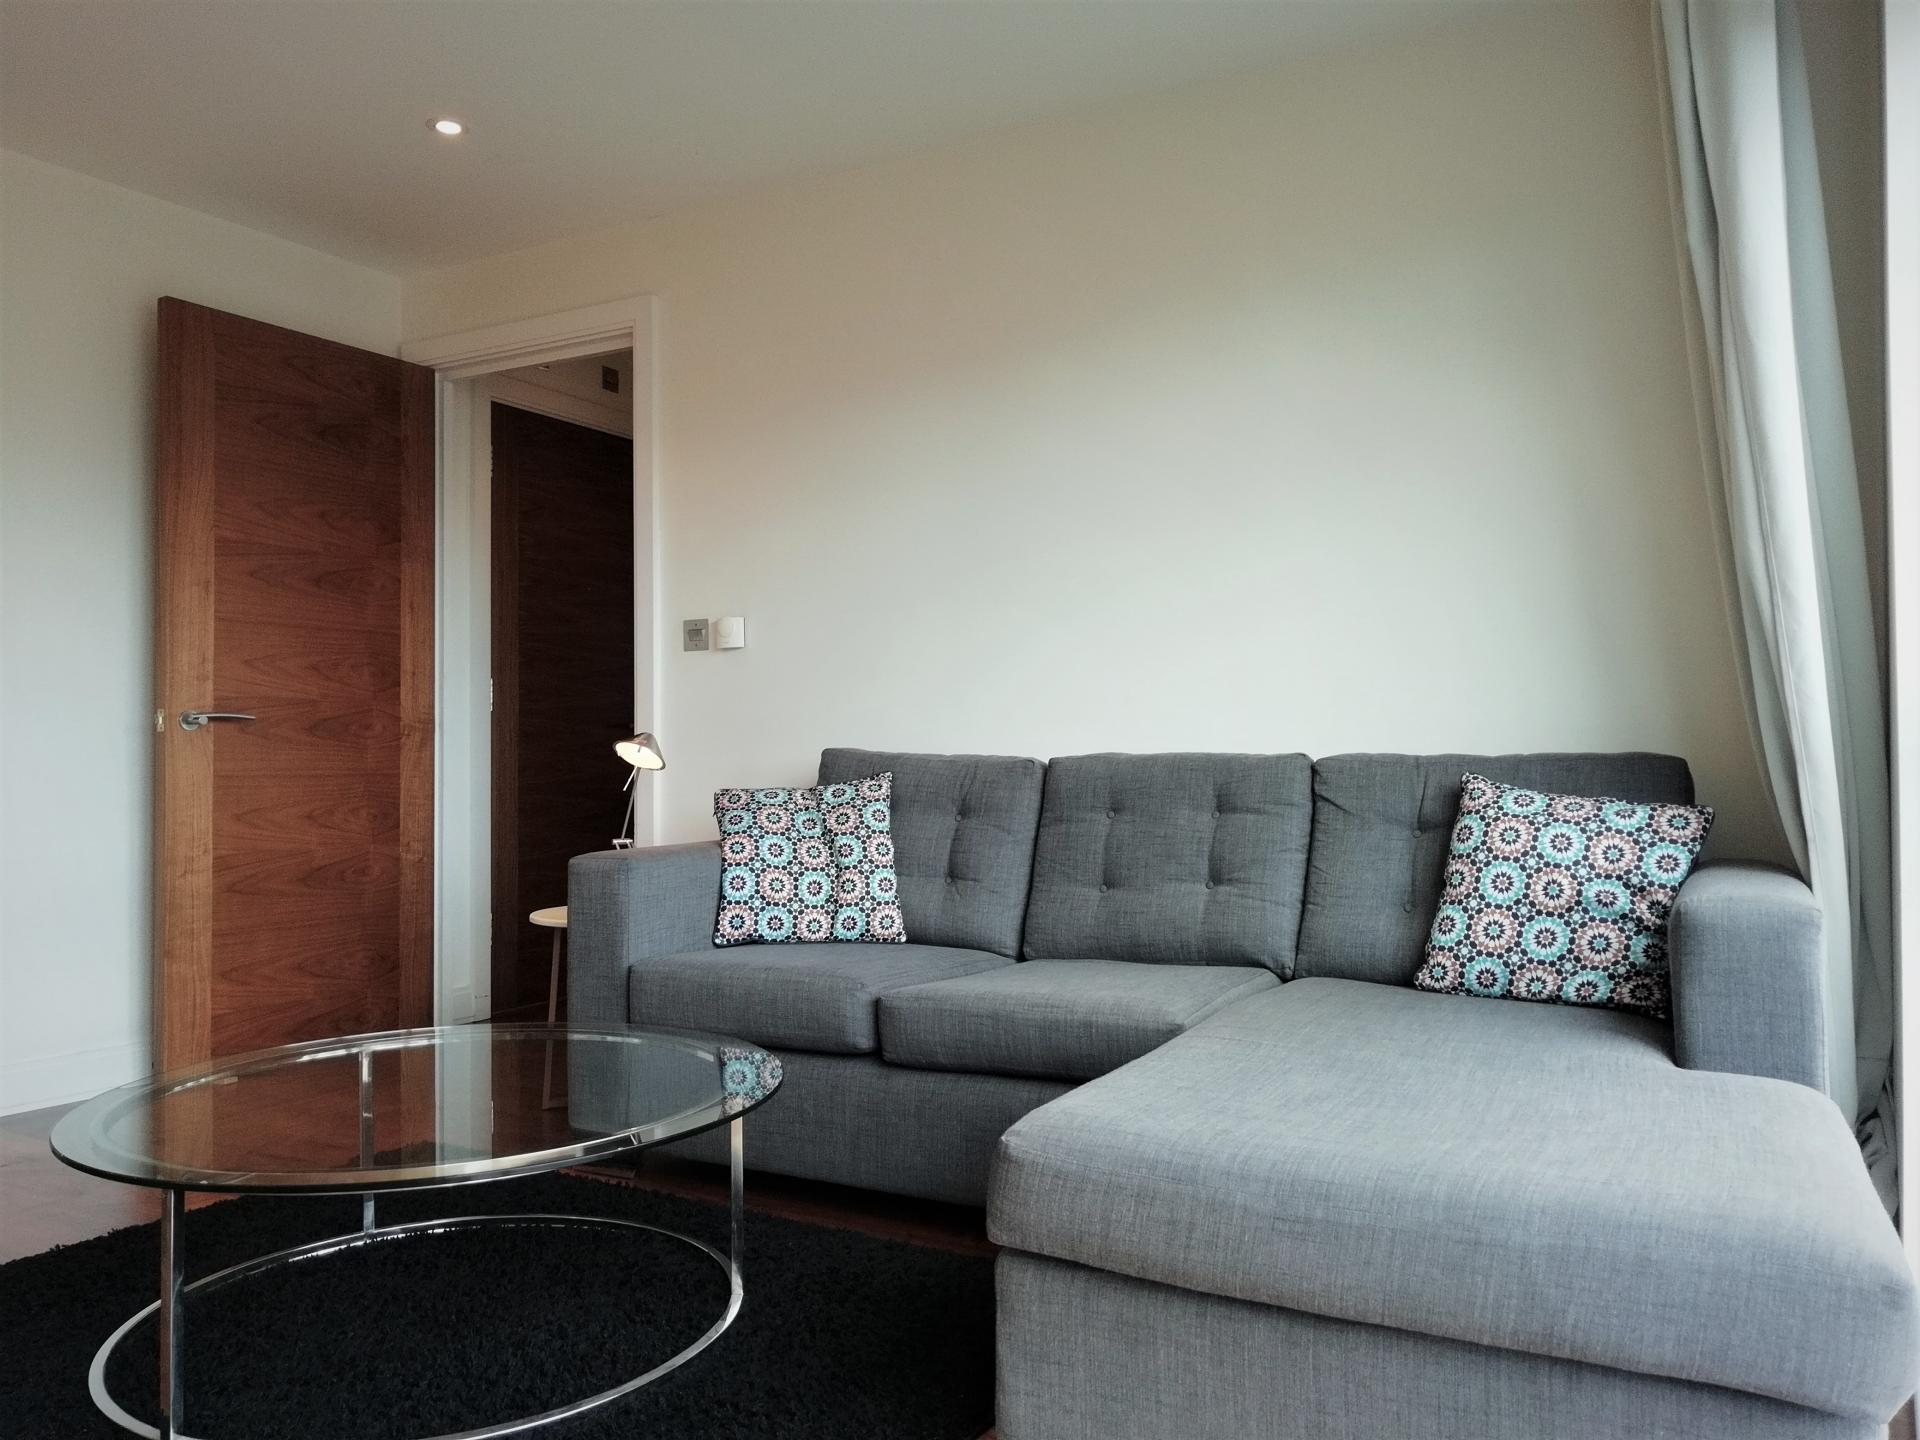 Seating at Still Life Barbican, Barbican, London - Citybase Apartments